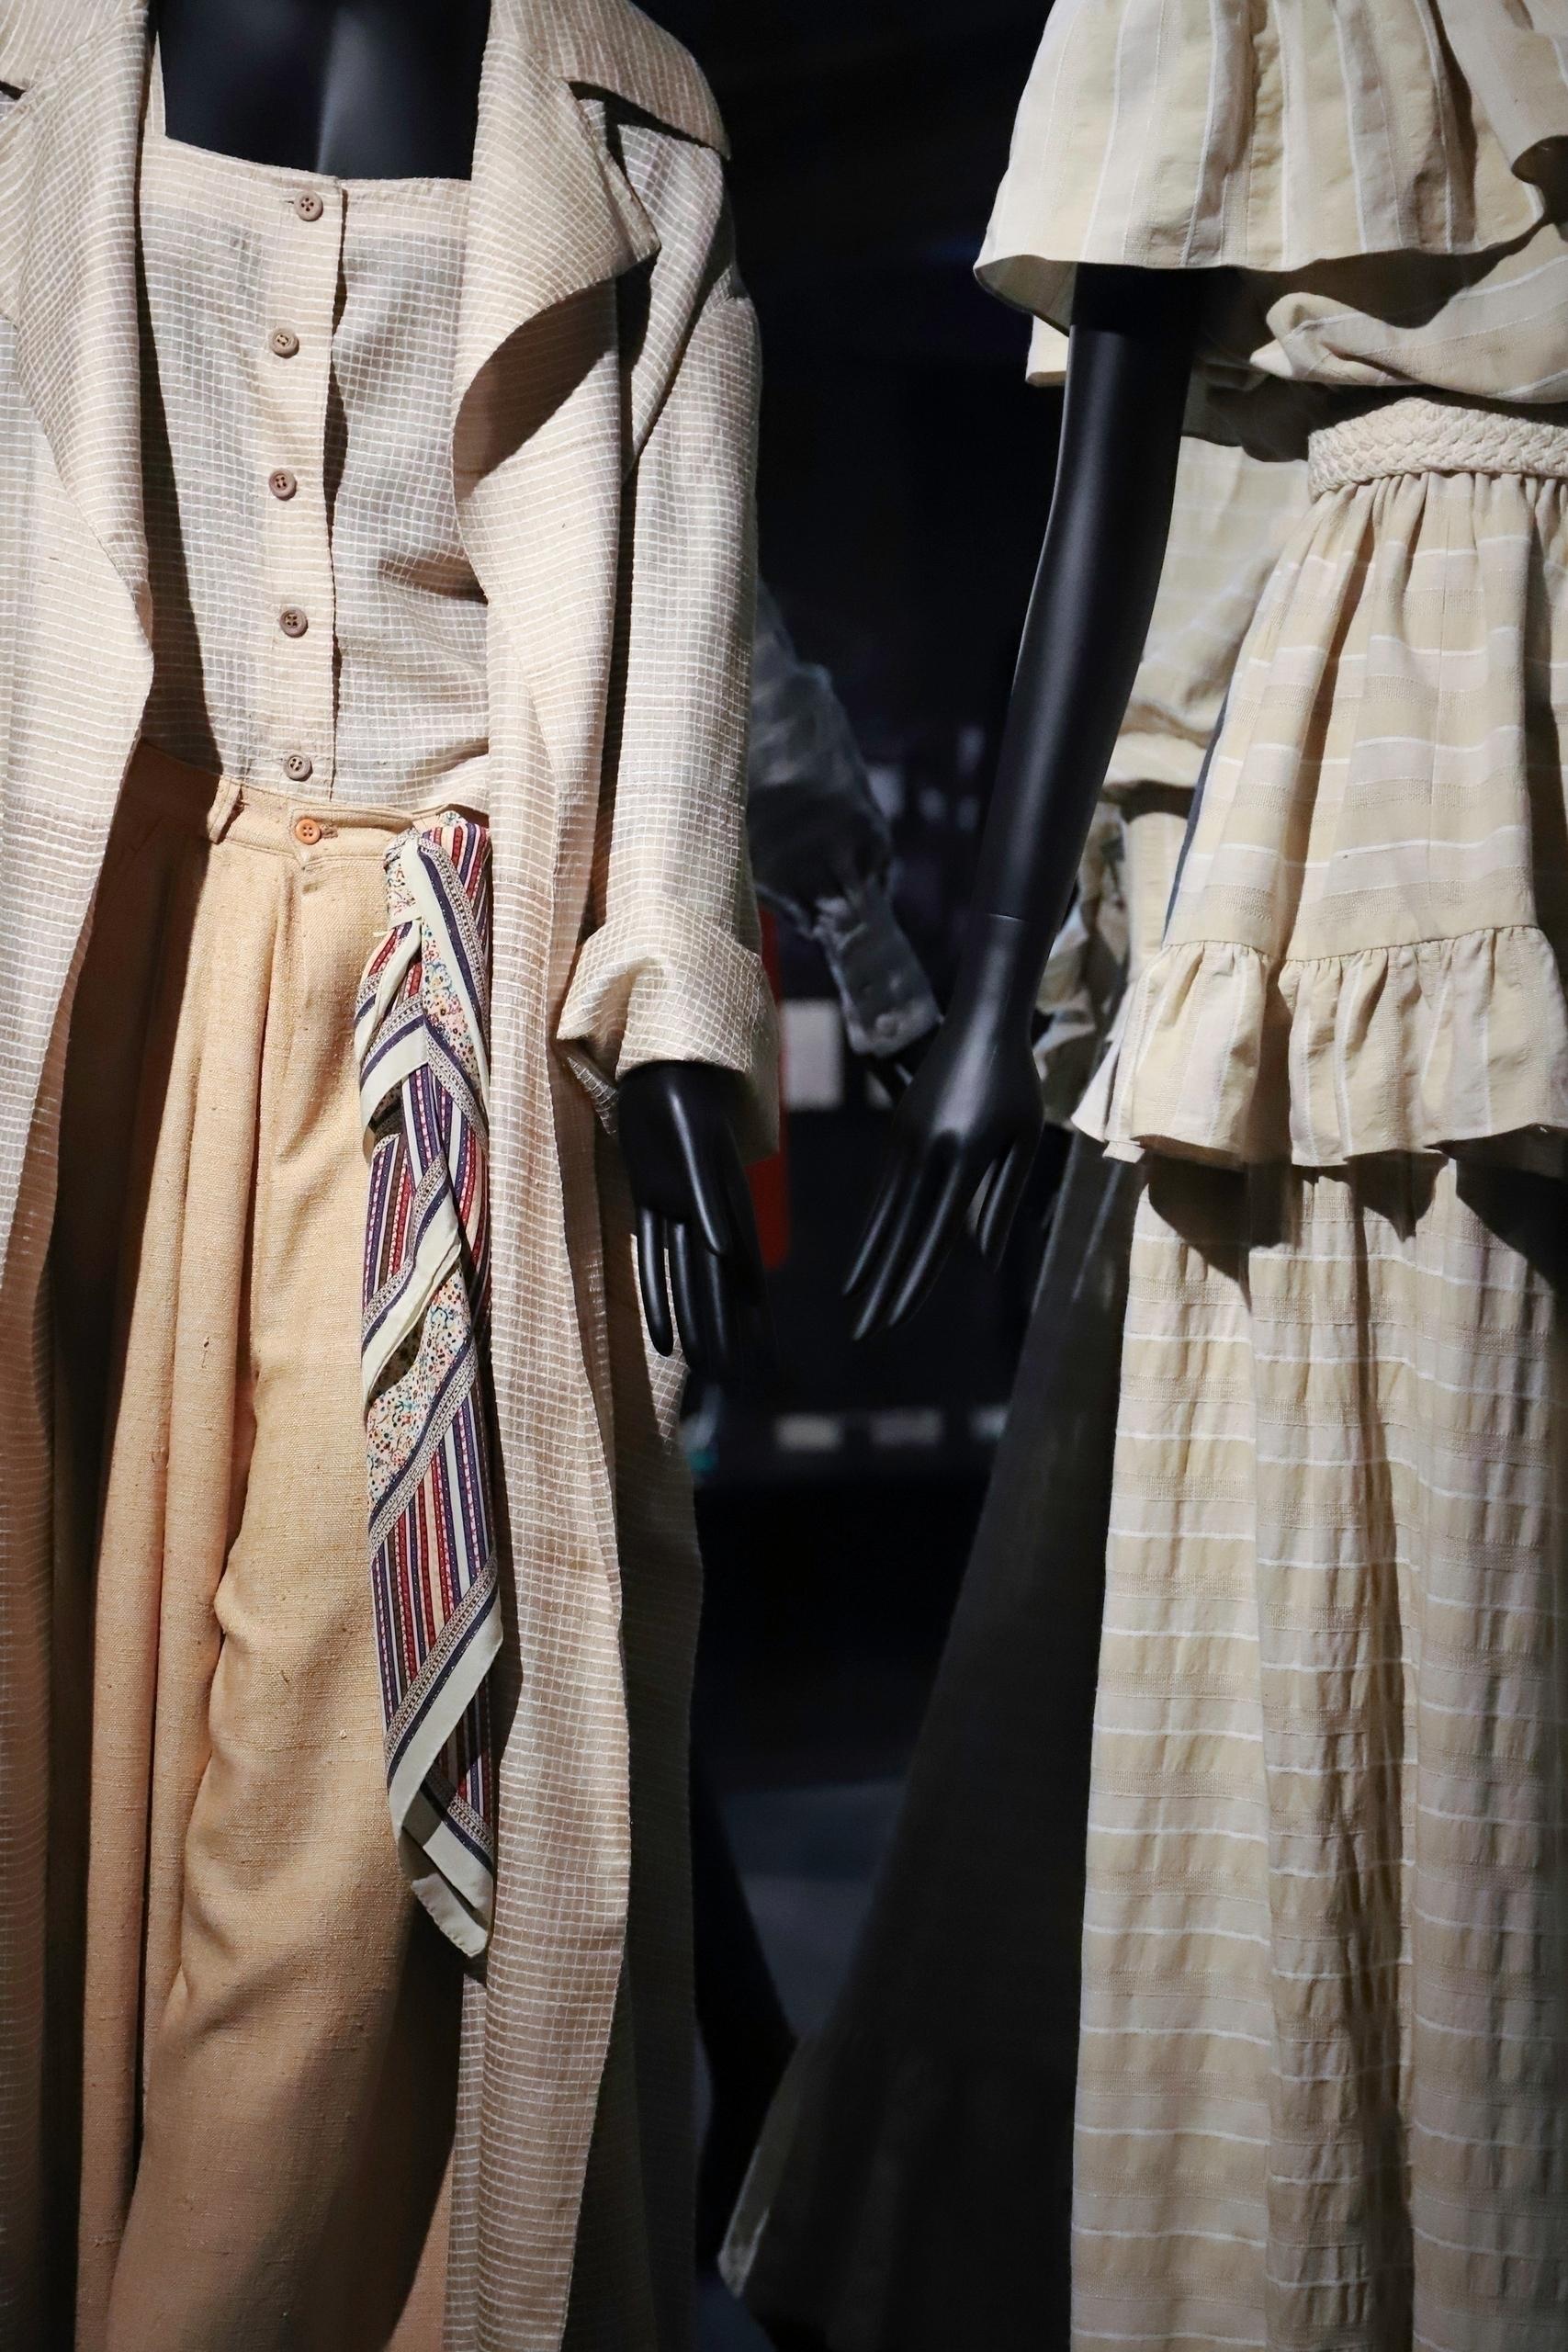 Zdjęcie przedstawia fragmenty manekinów ubrane w jasne, lniane stroje.